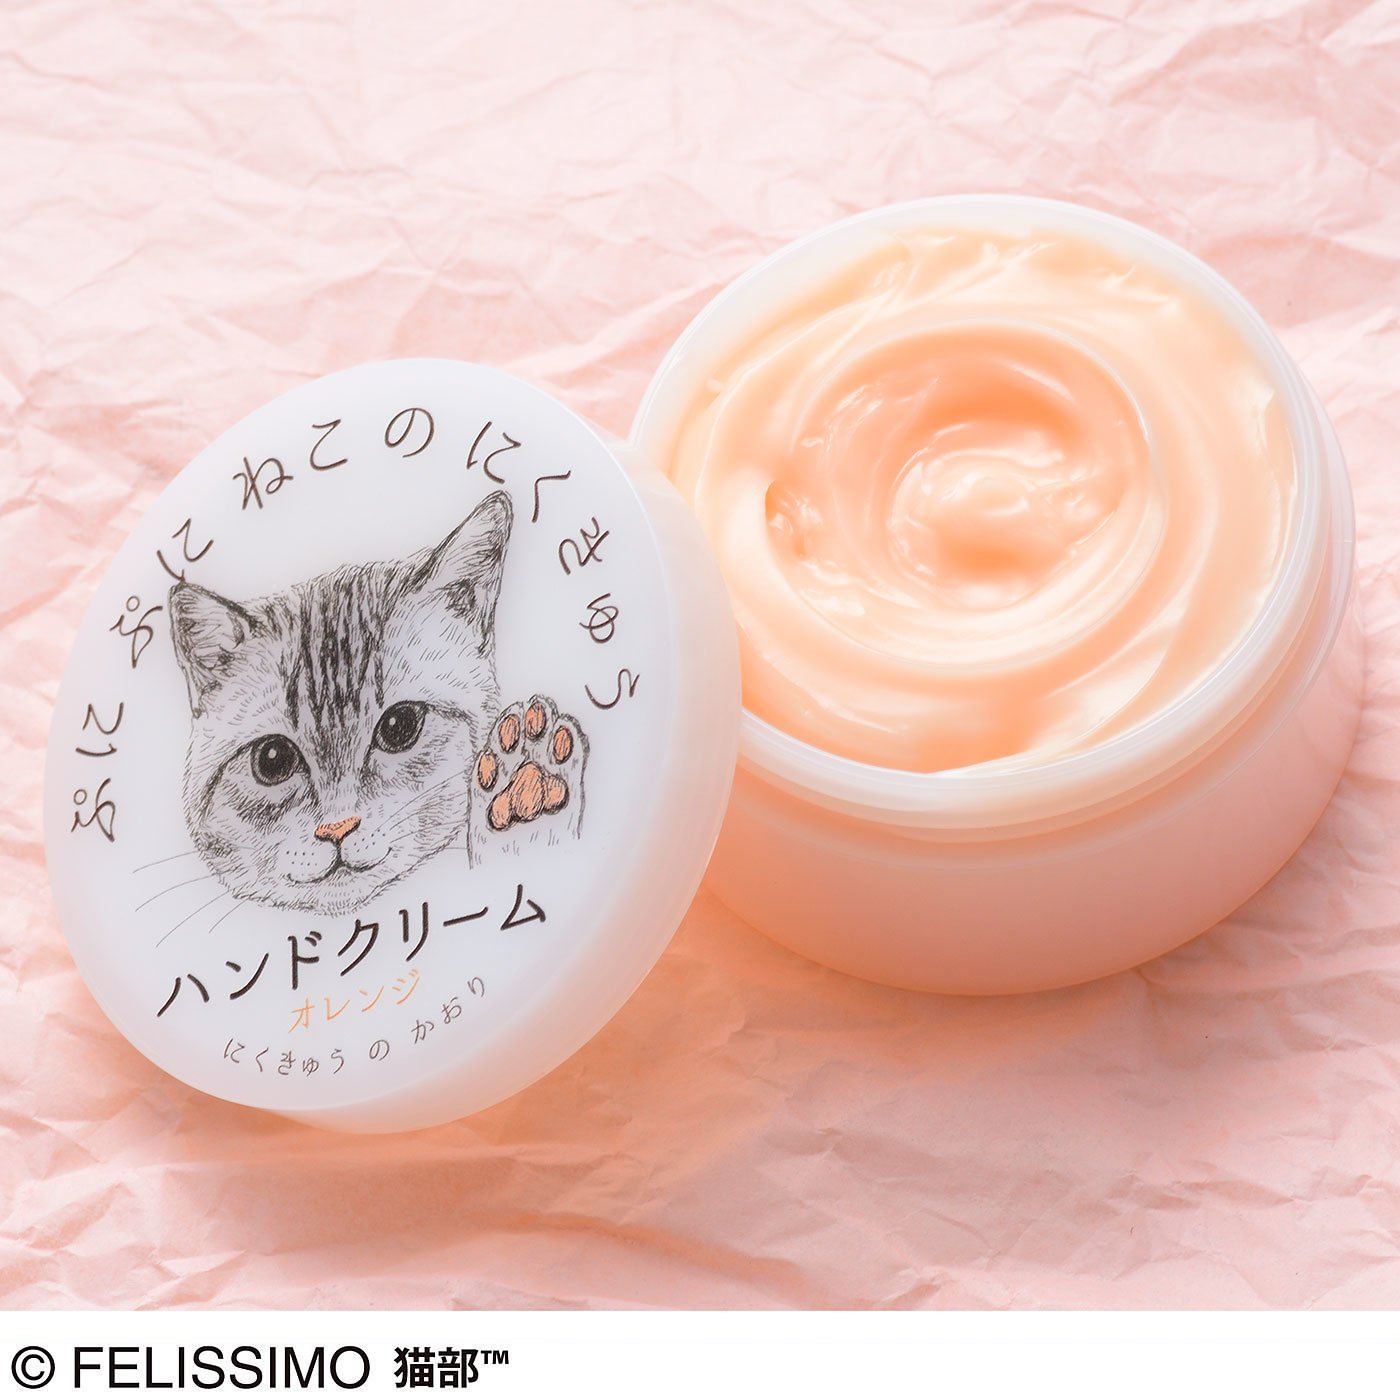 あの猫(こ)とおそろい!? プニプニ肉球の香りハンドクリーム〈オレンジ〉の会